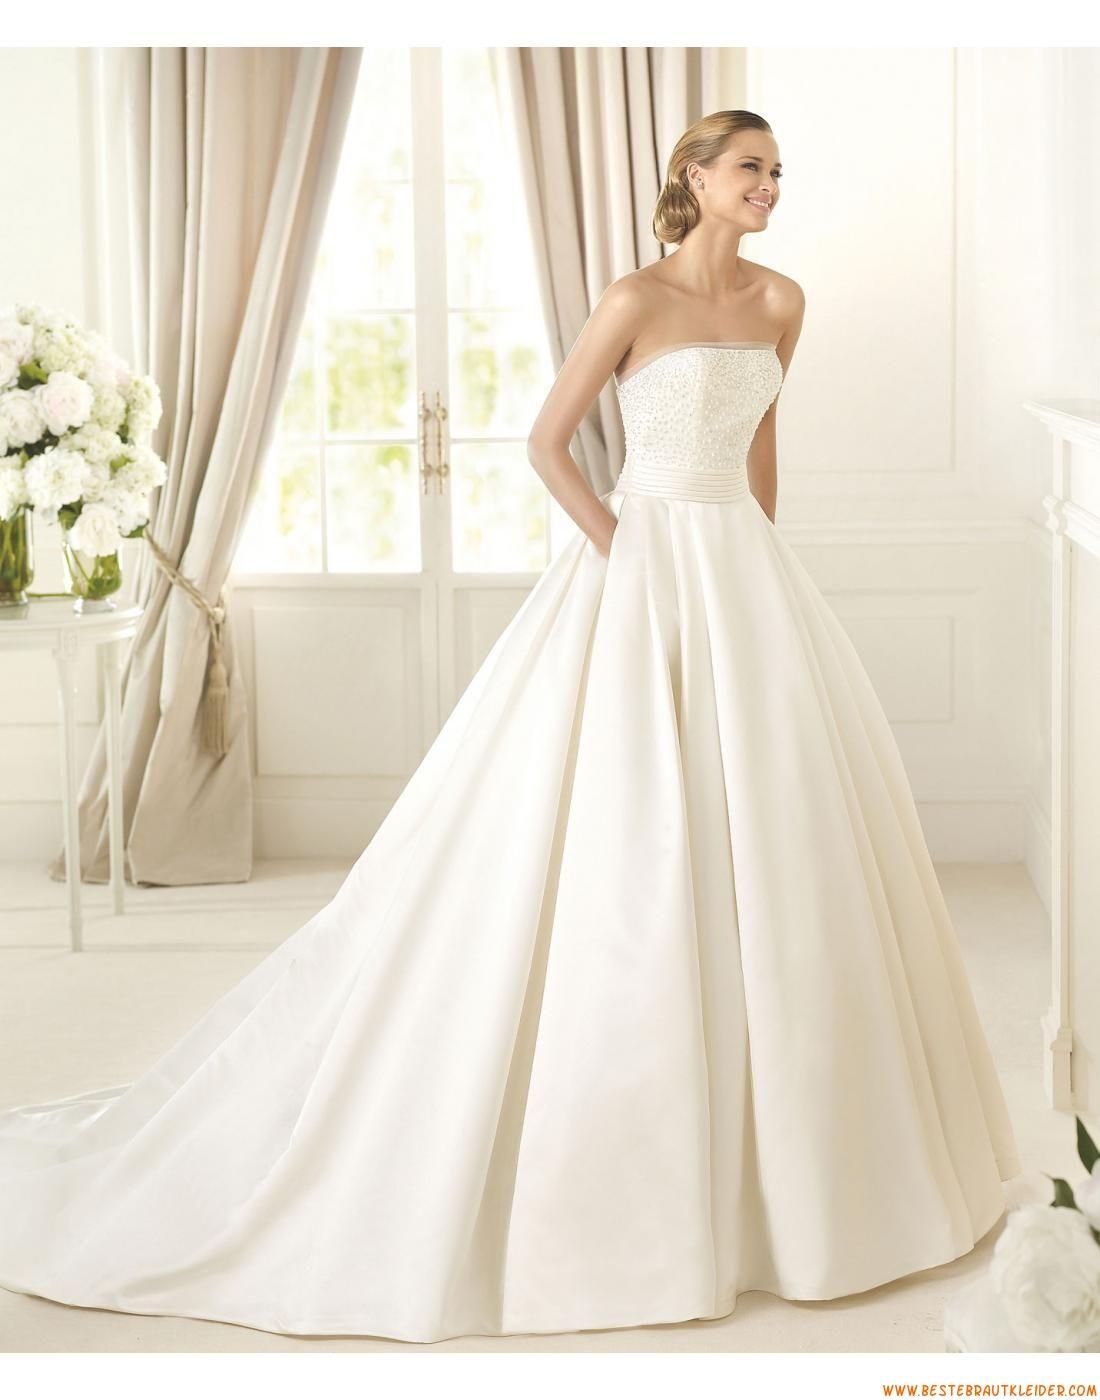 14 Extravagante Aktuelle Moderne Brautkleider aus Satin mit